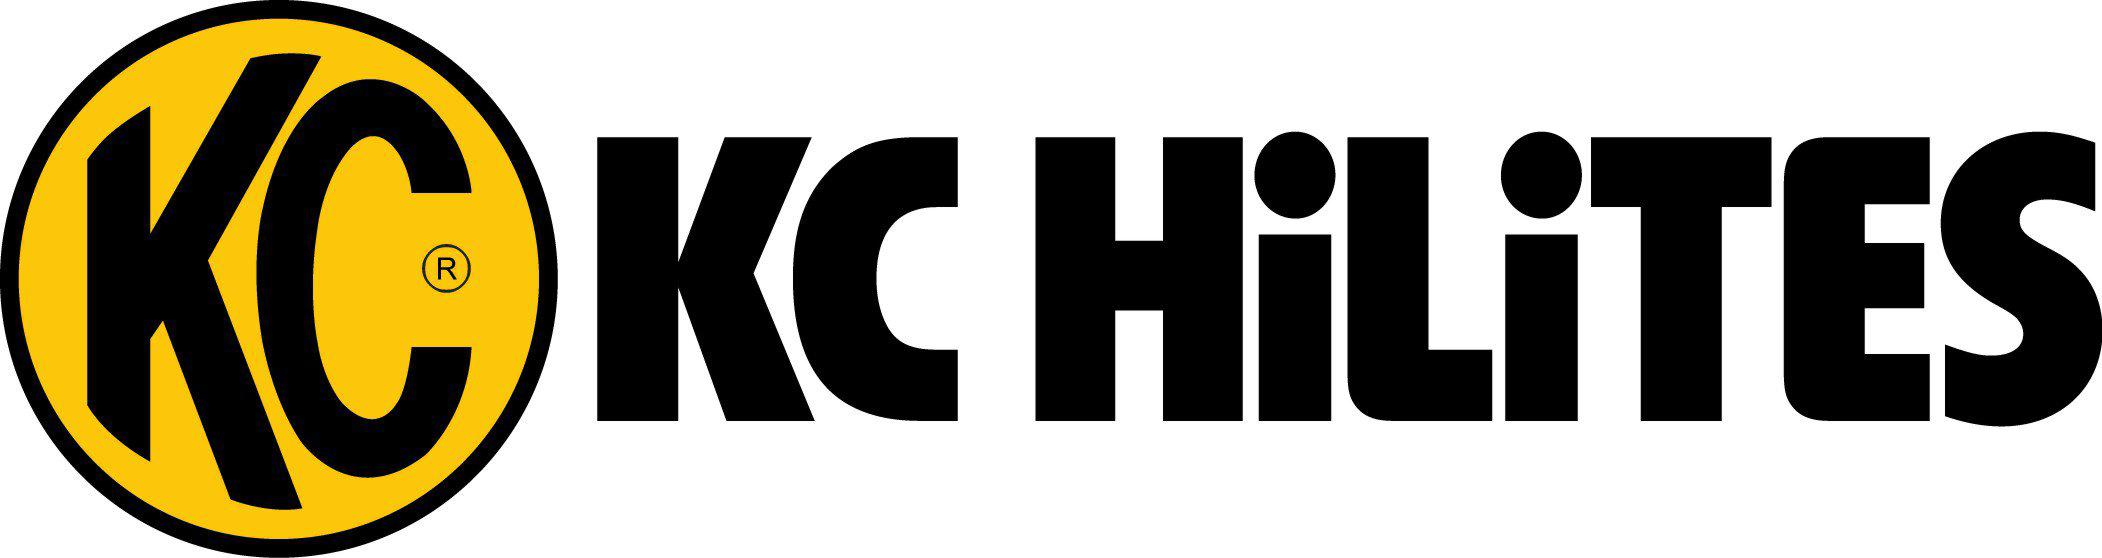 Logo-KCHiLites